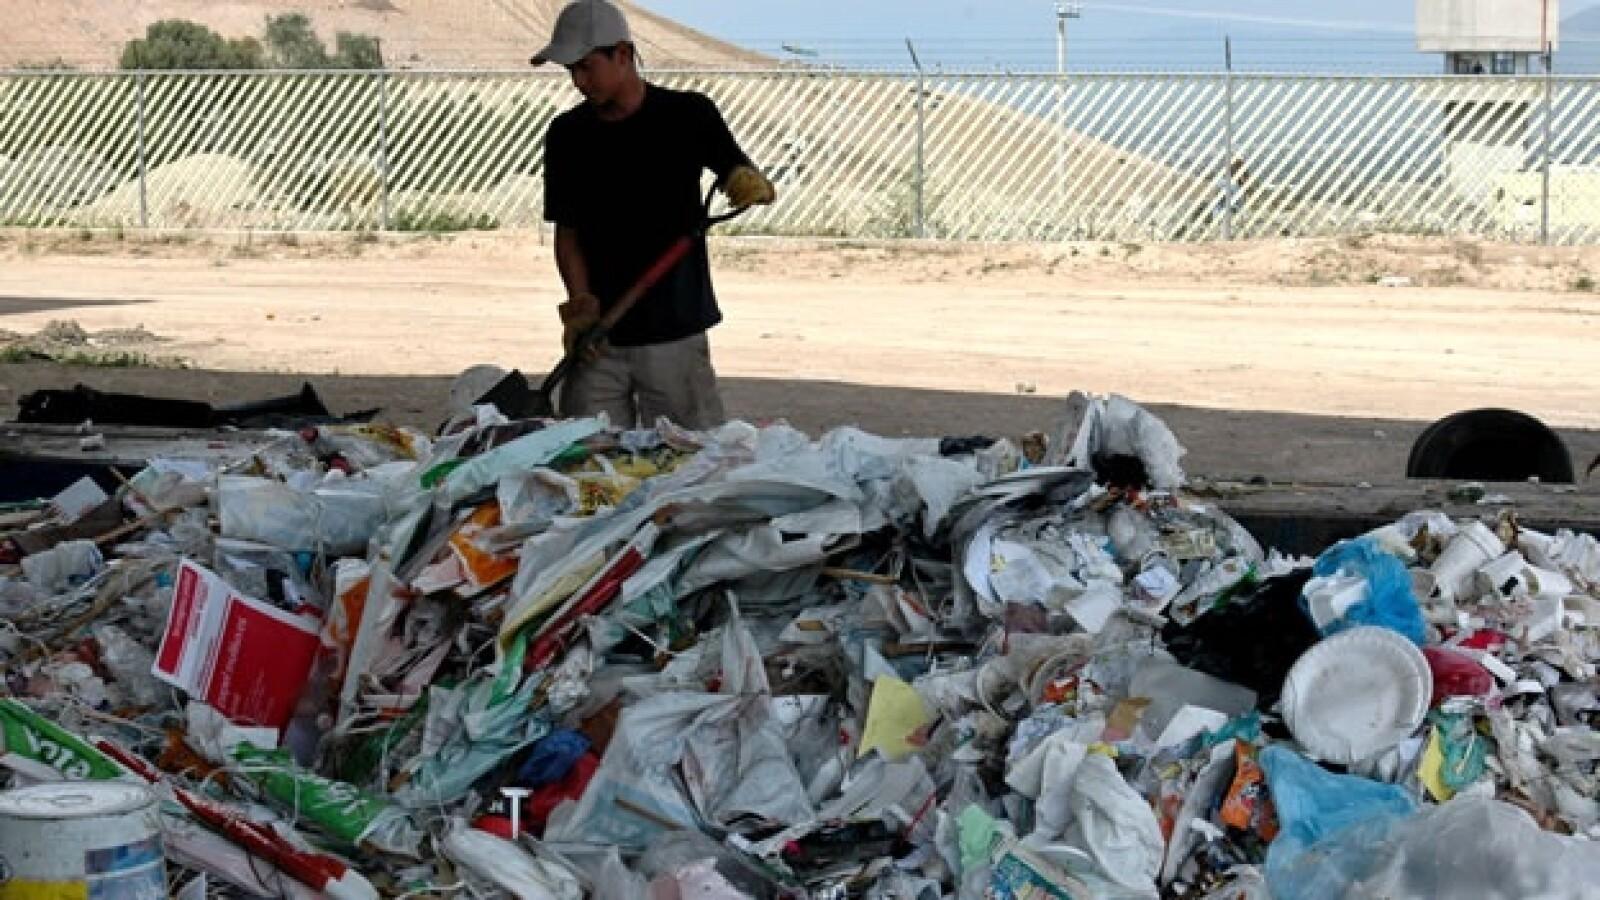 basura plástico desechos reciclaje